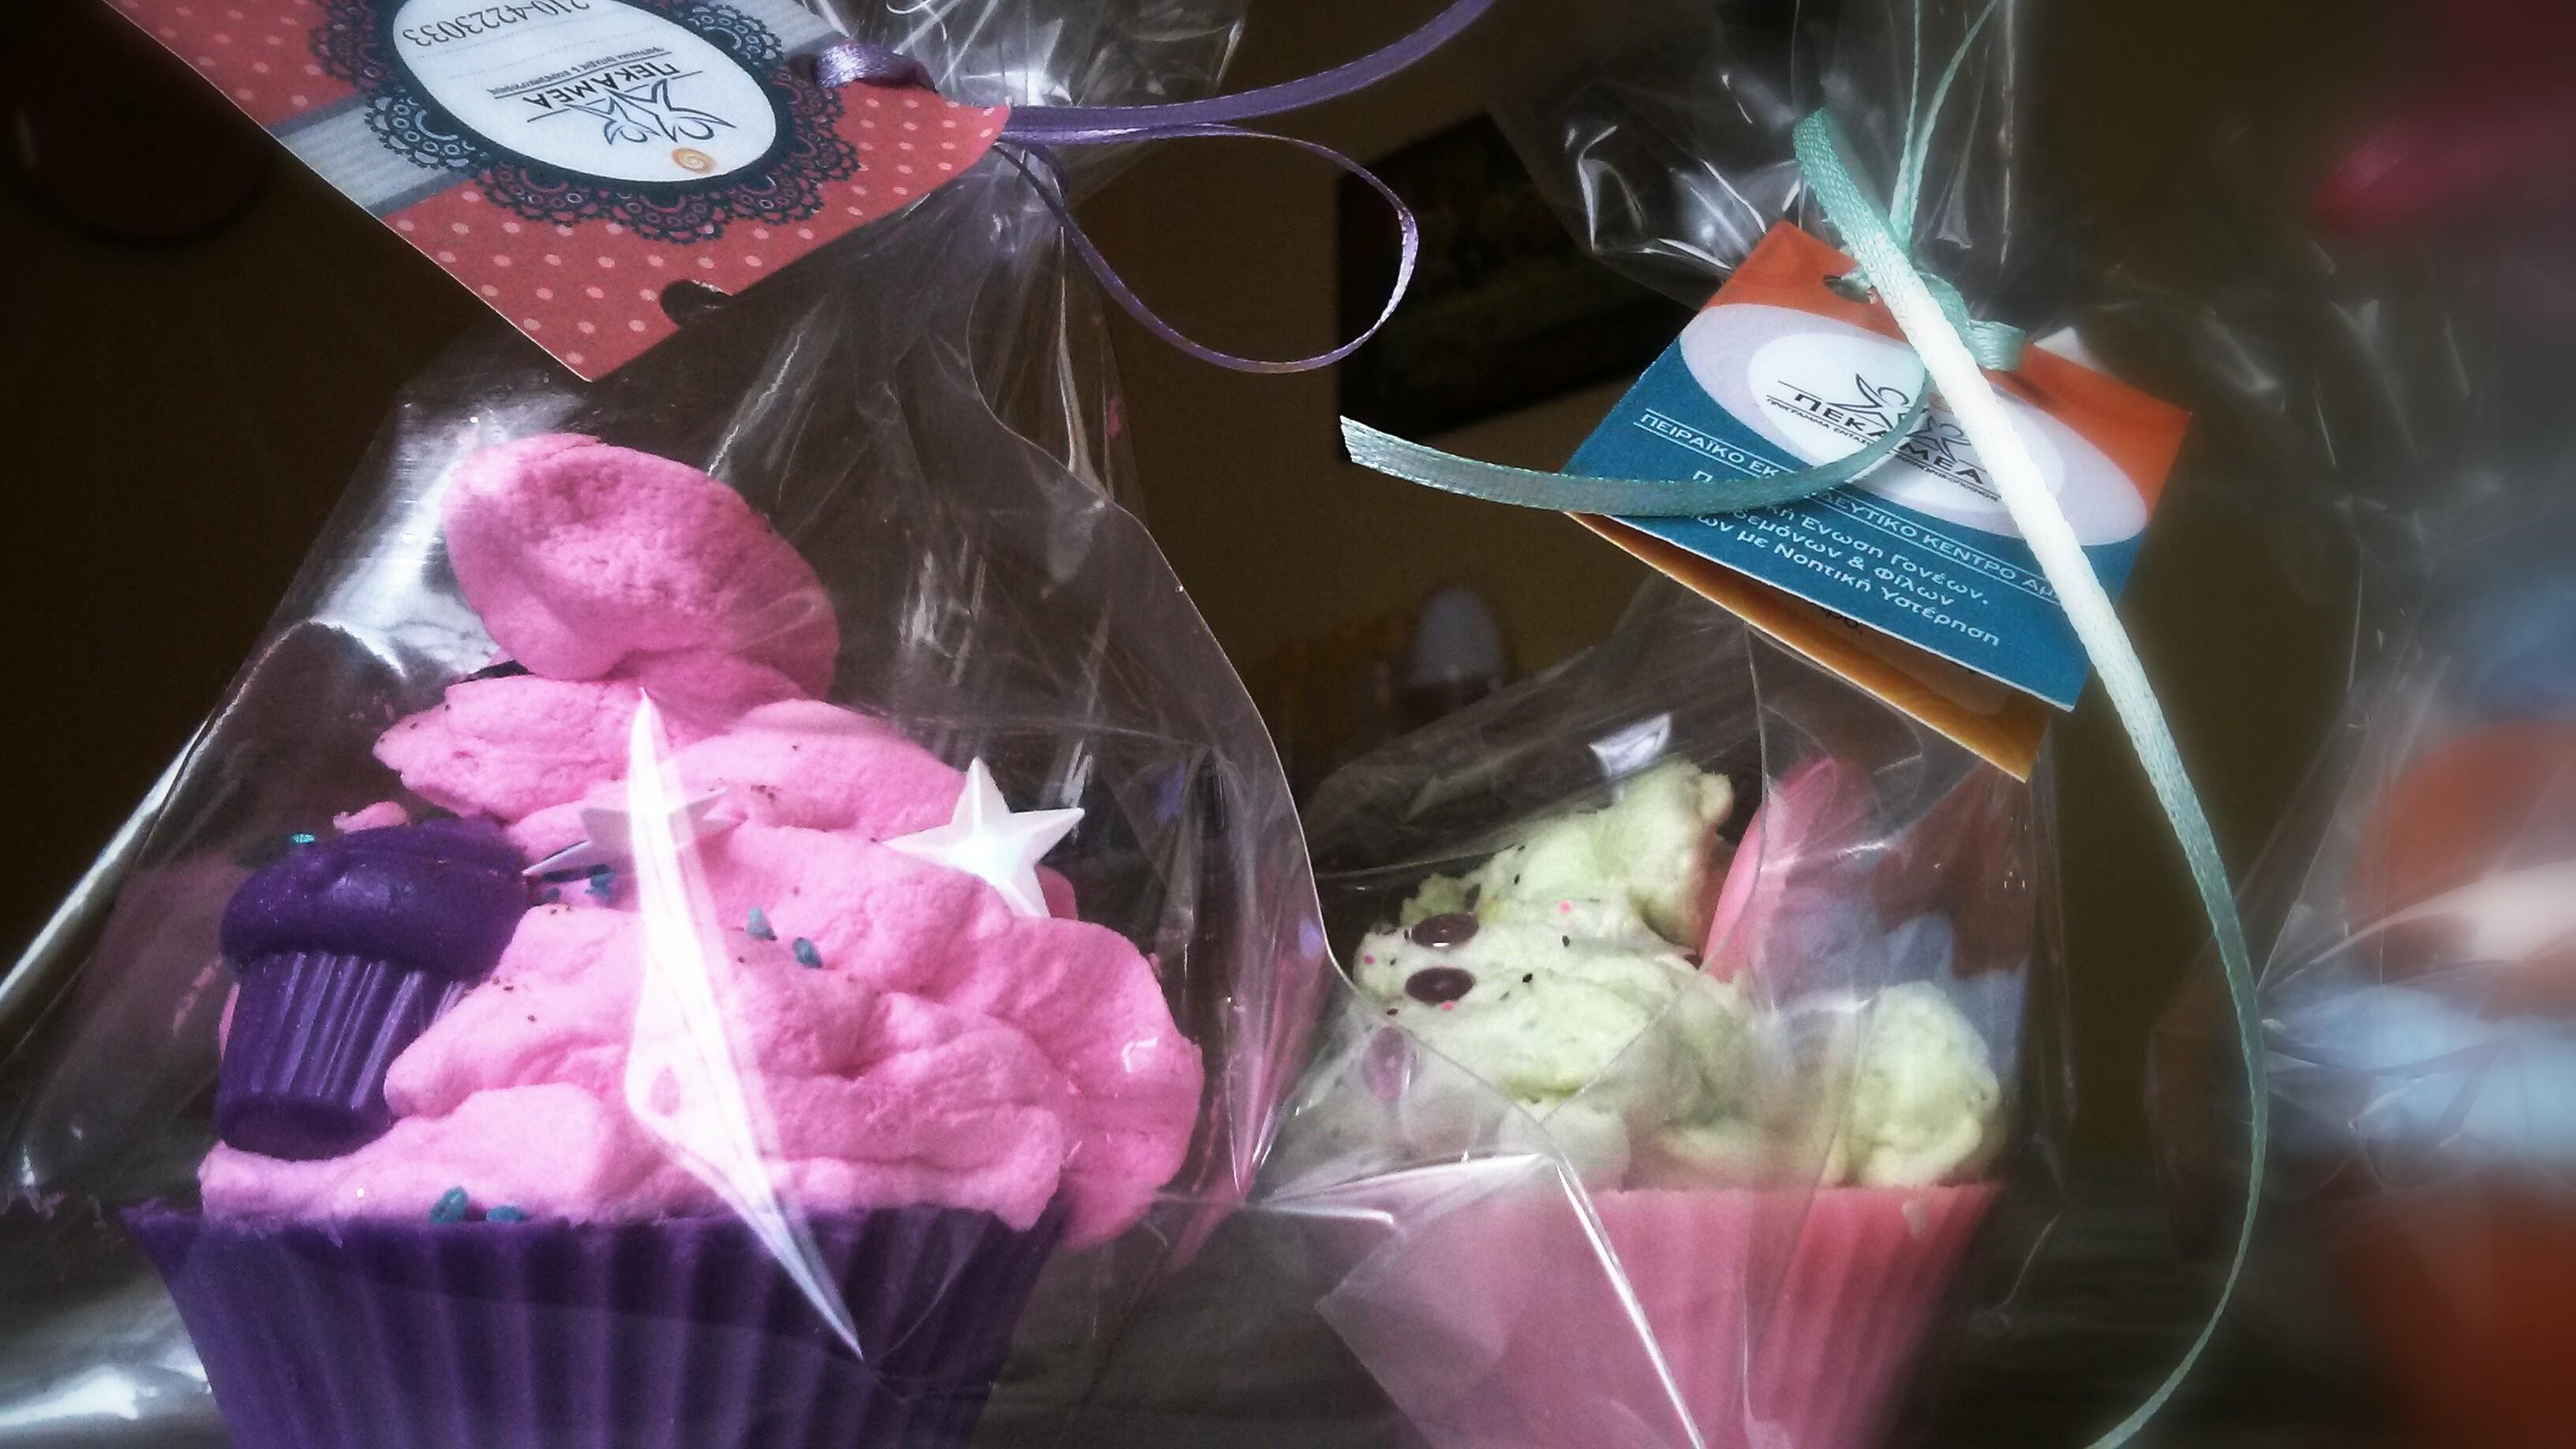 Τα διάσημα πια soap cupcakes μας!